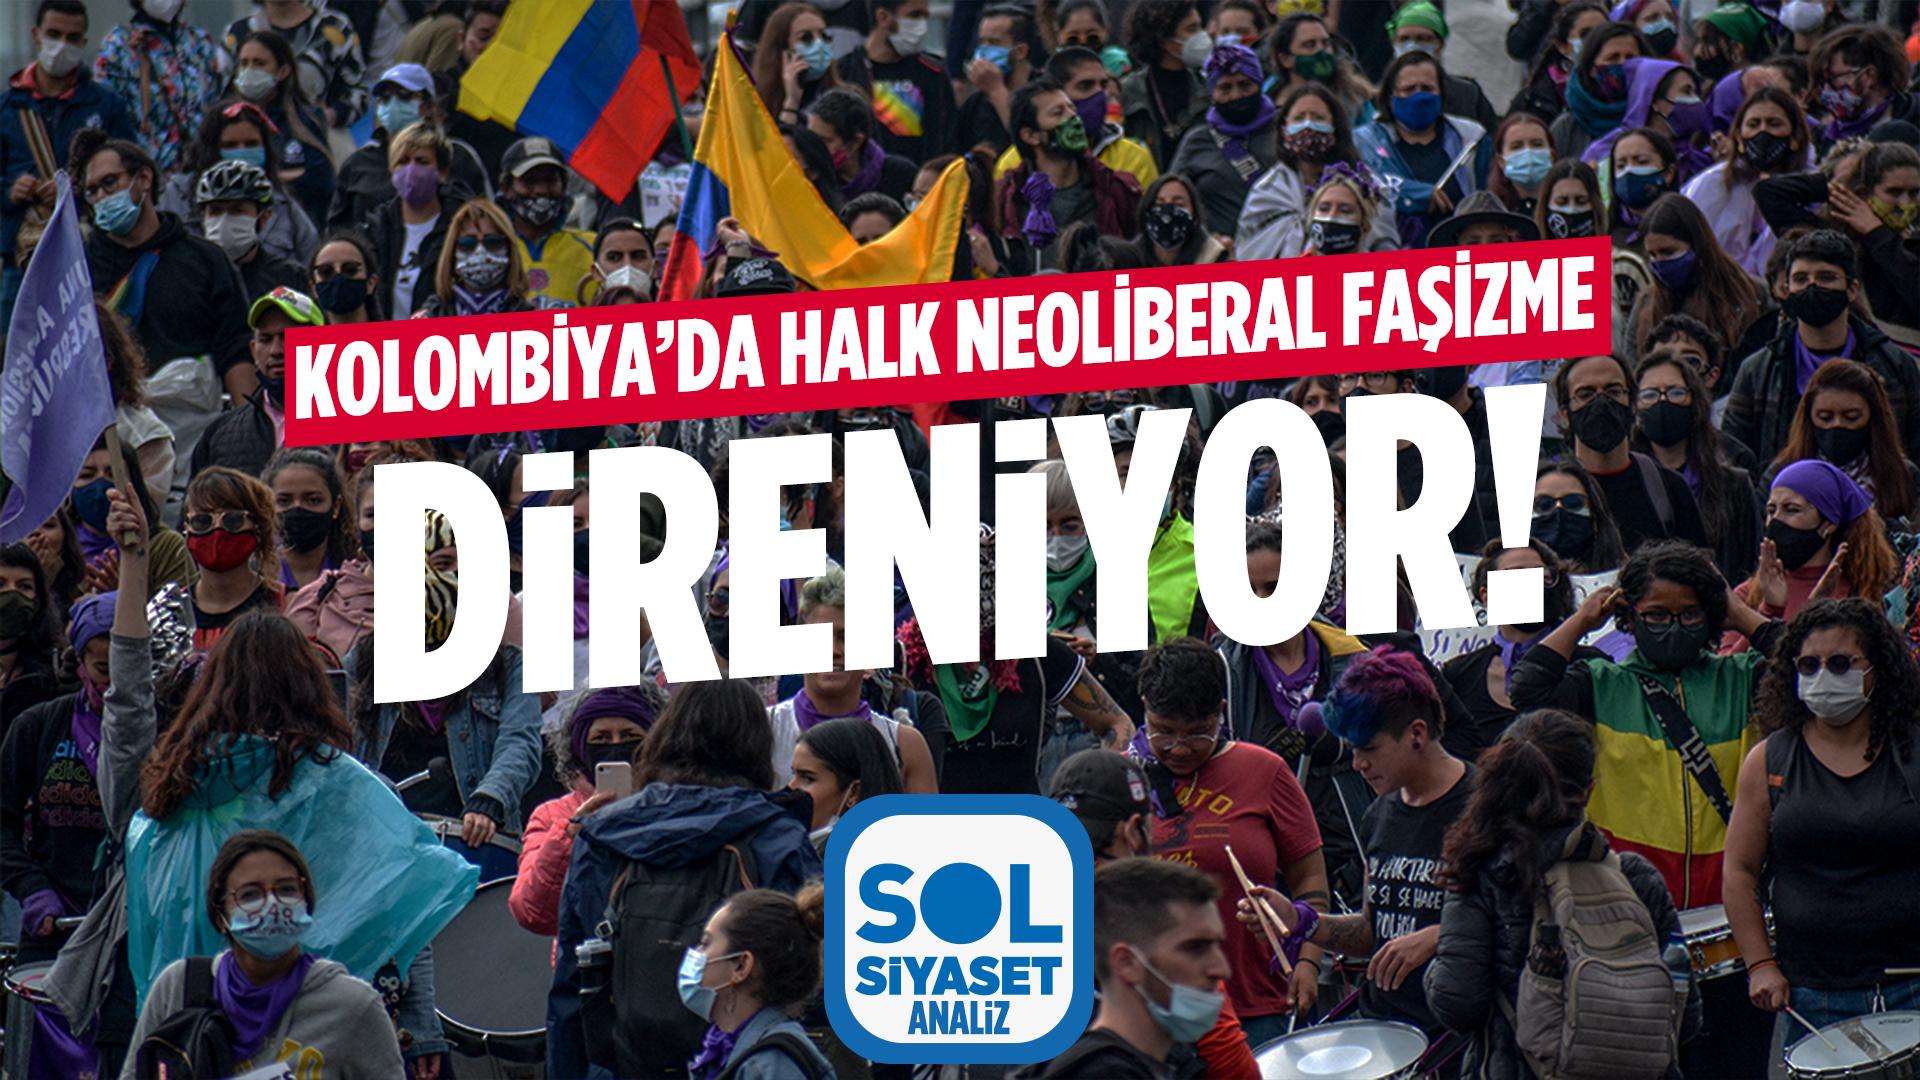 Kolombiya'da Halk Neoliberal Faşizme Direniyor – Analiz